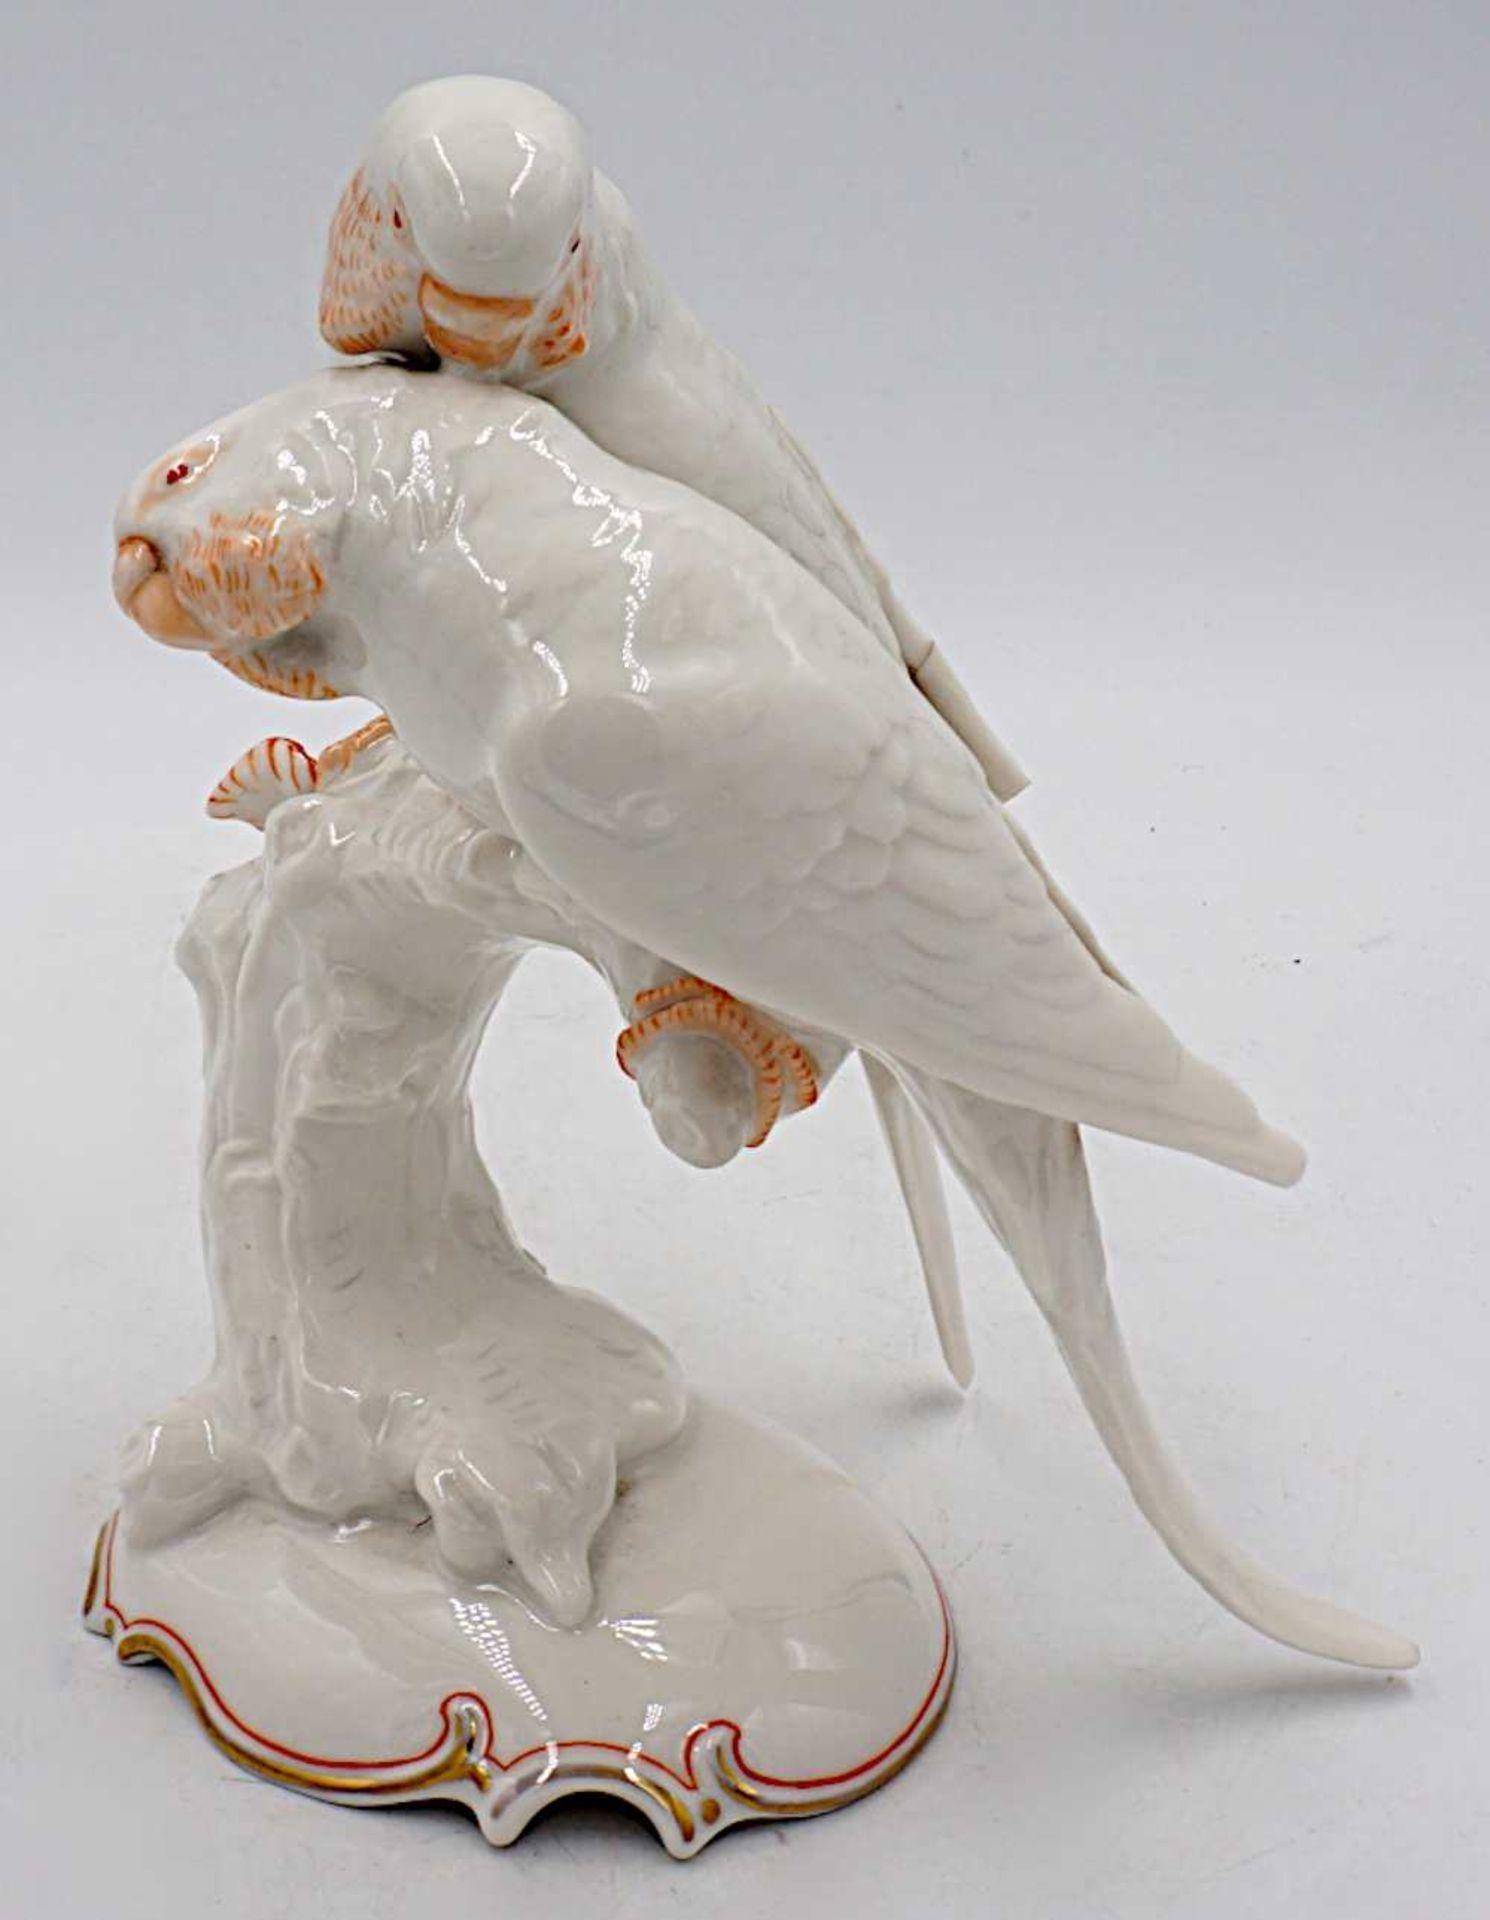 """1 Porzellanfigur HUTSCHENREUTHER, Selb """"Wellensittichpaar auf Ast"""" weiß z.T. orange g - Bild 7 aus 8"""